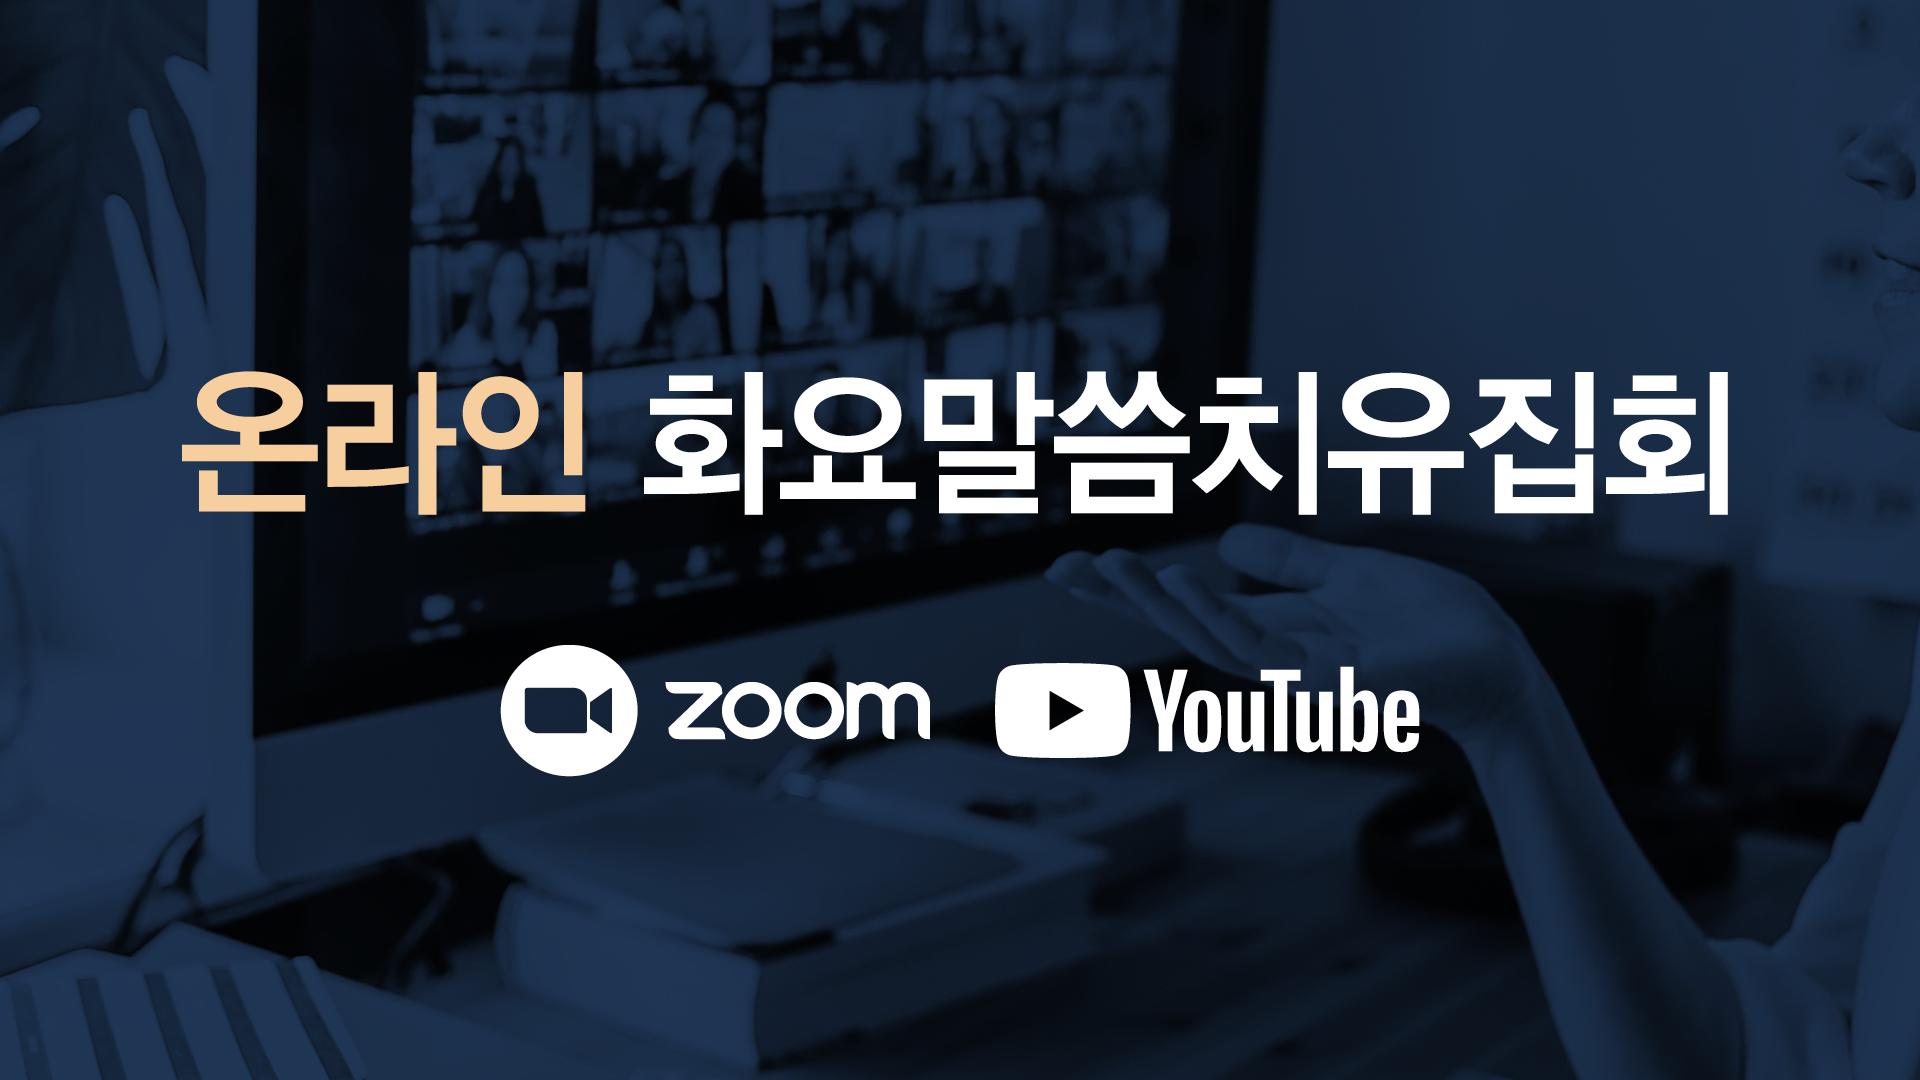 9/22 화요말씀치유집회 안내